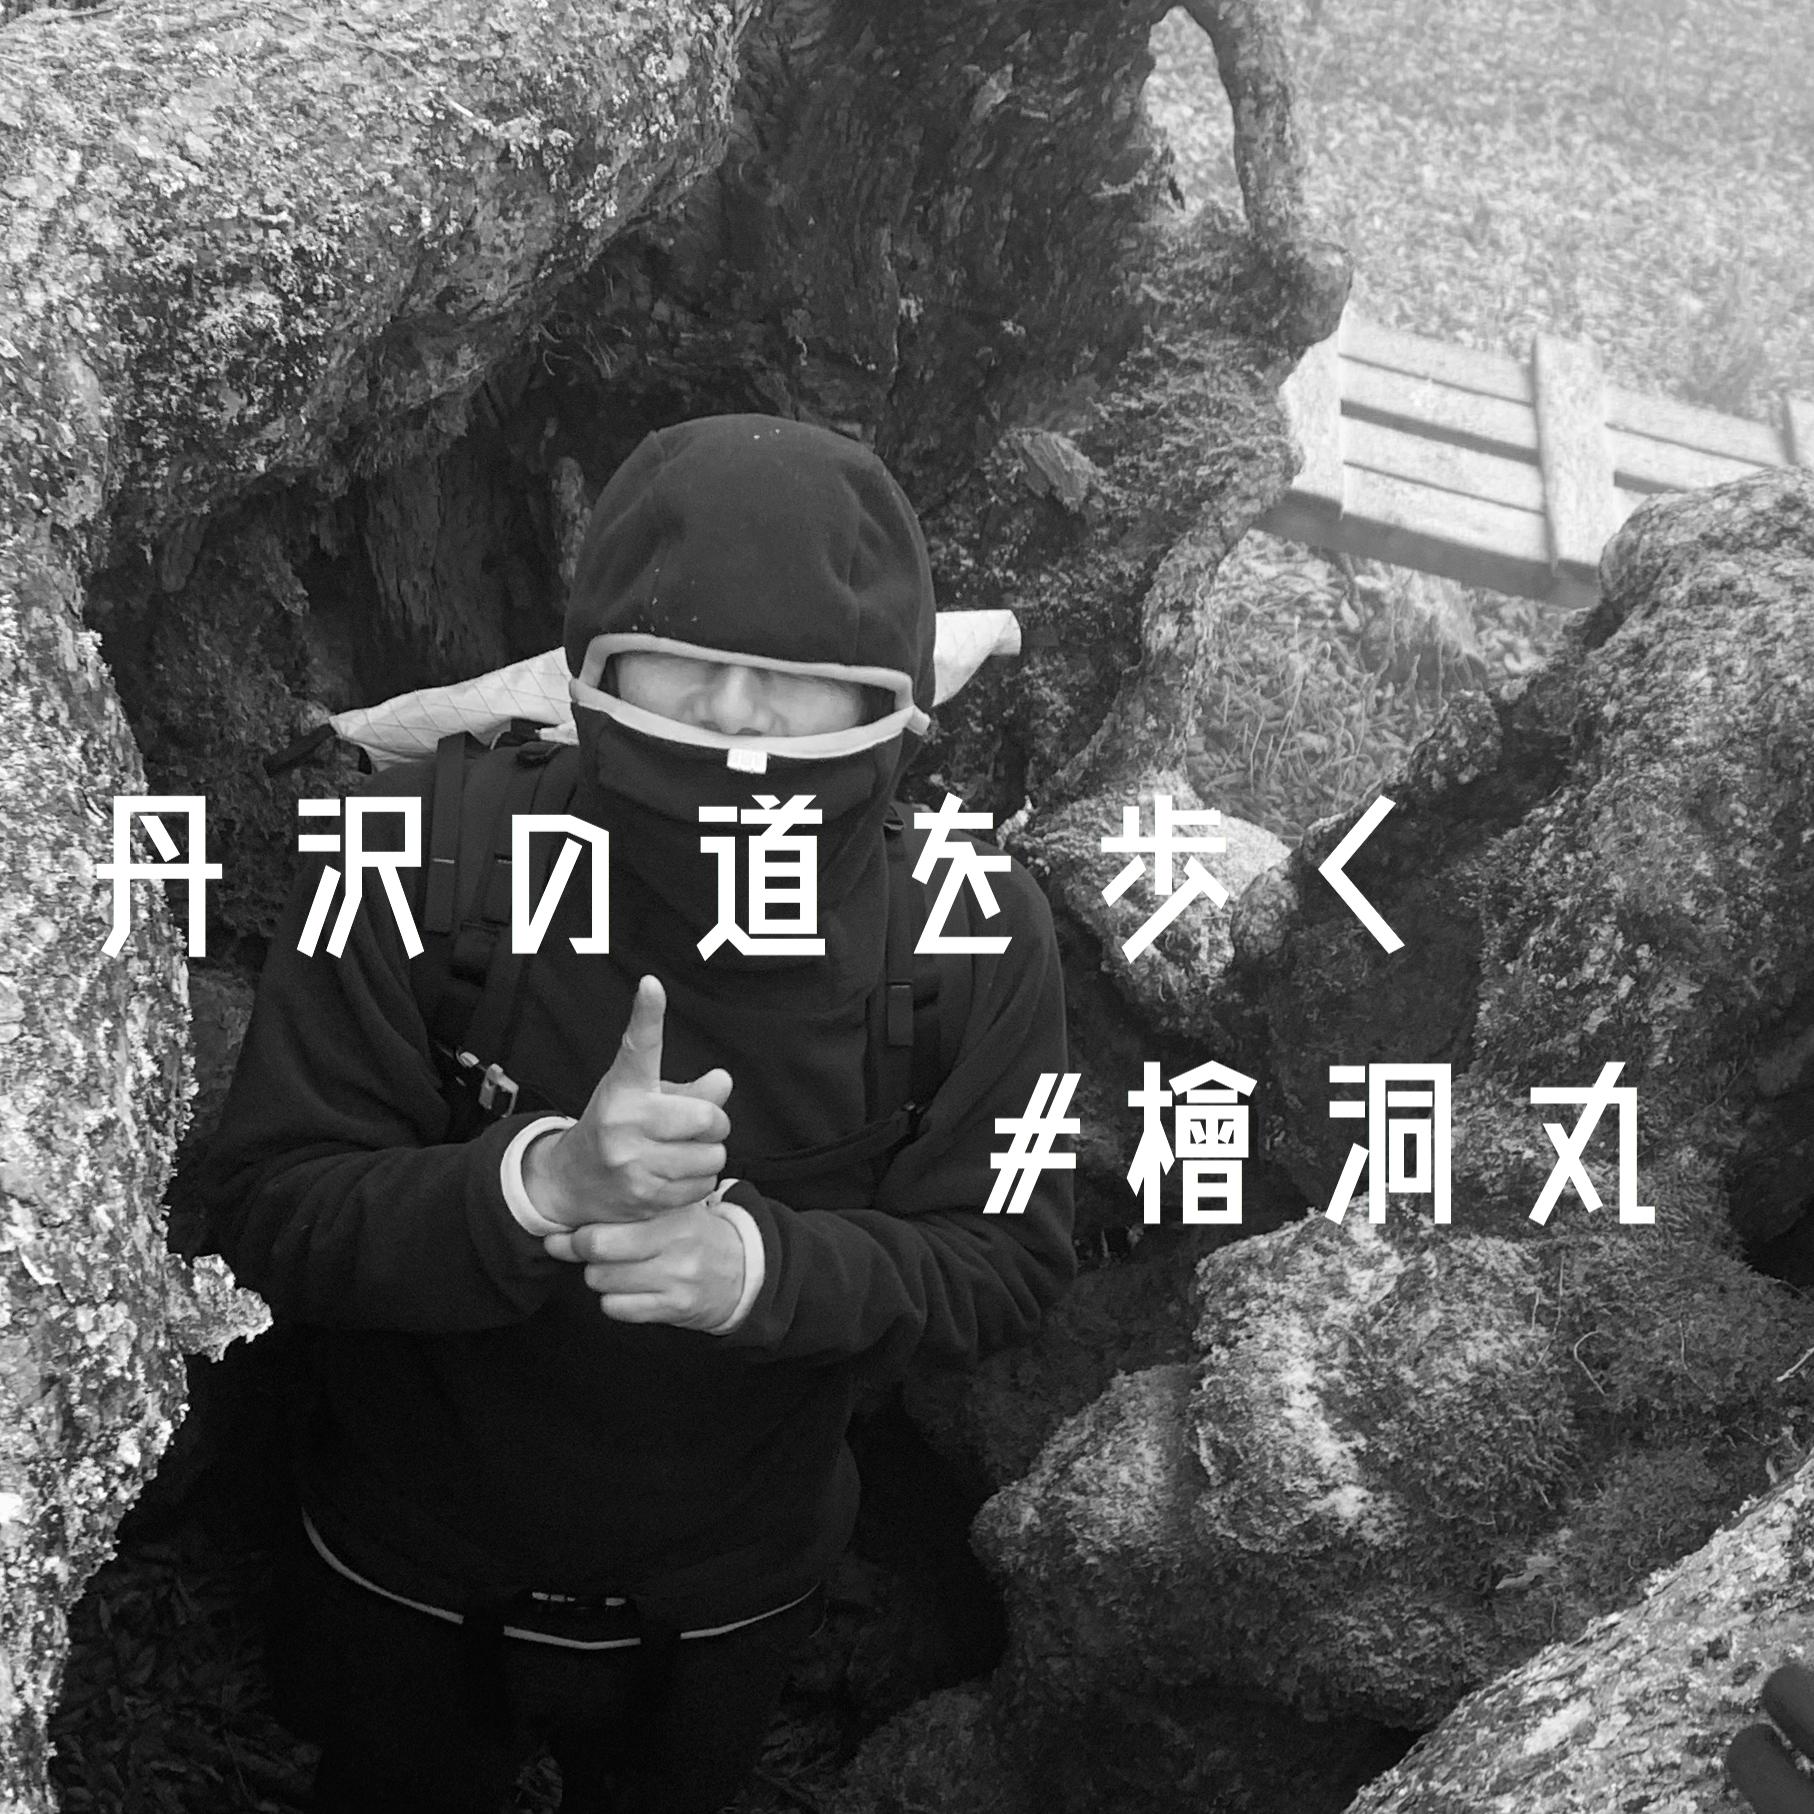 """丹沢の道を歩く。西丹沢の """"檜洞丸"""" へ"""